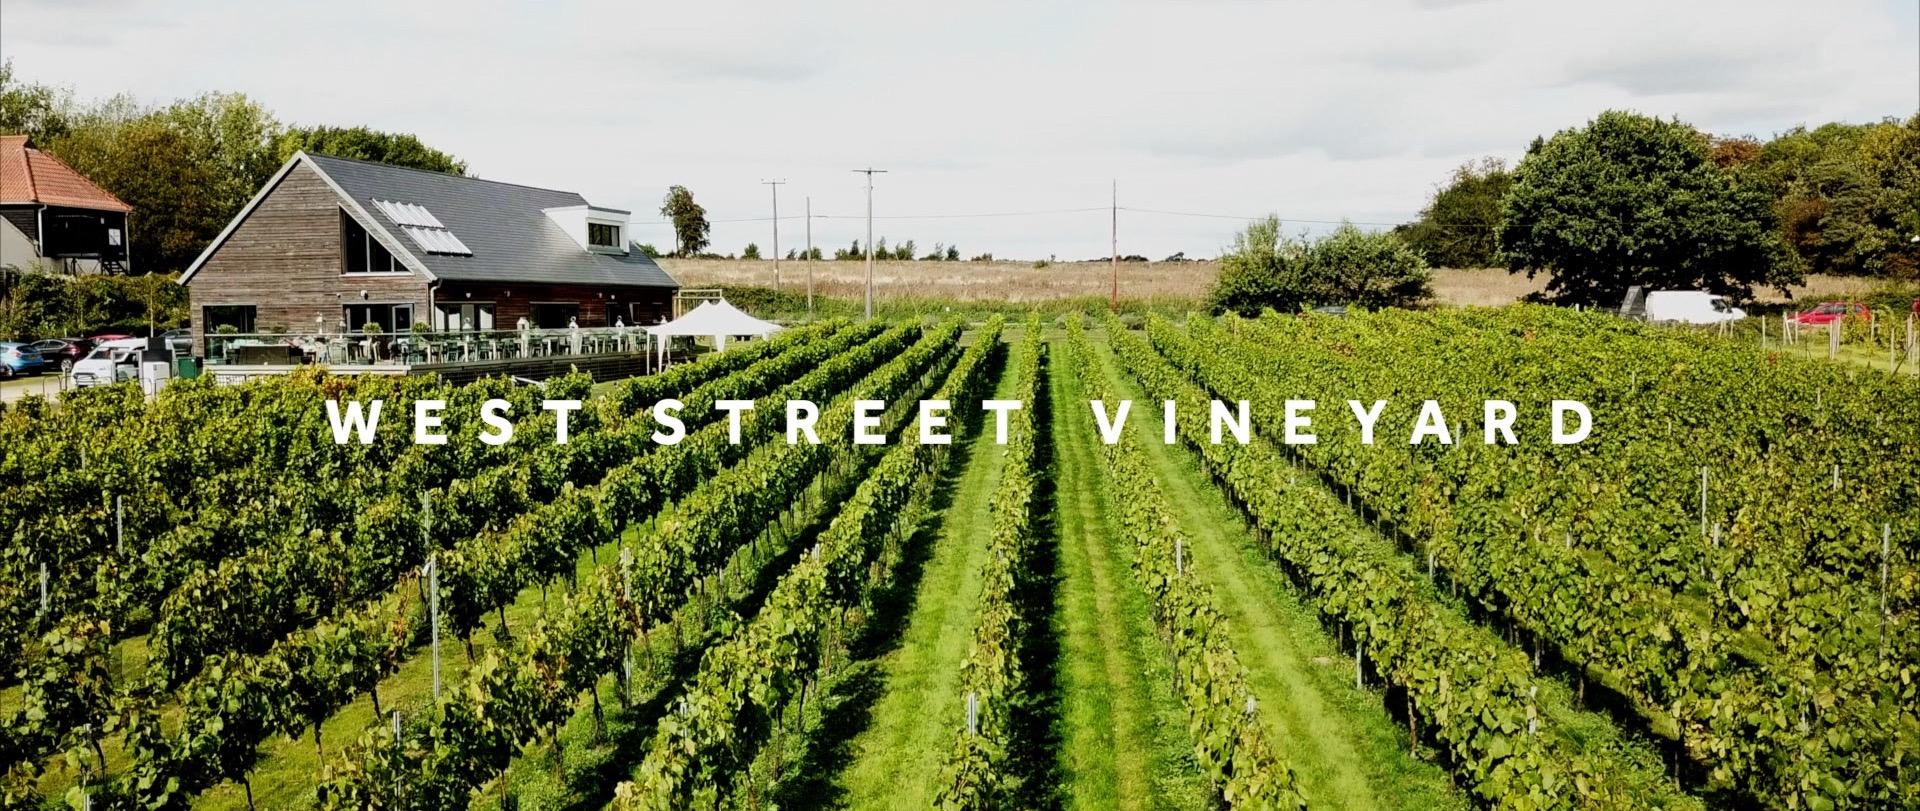 West Street Vineyard 3 Cheers Media.jpg